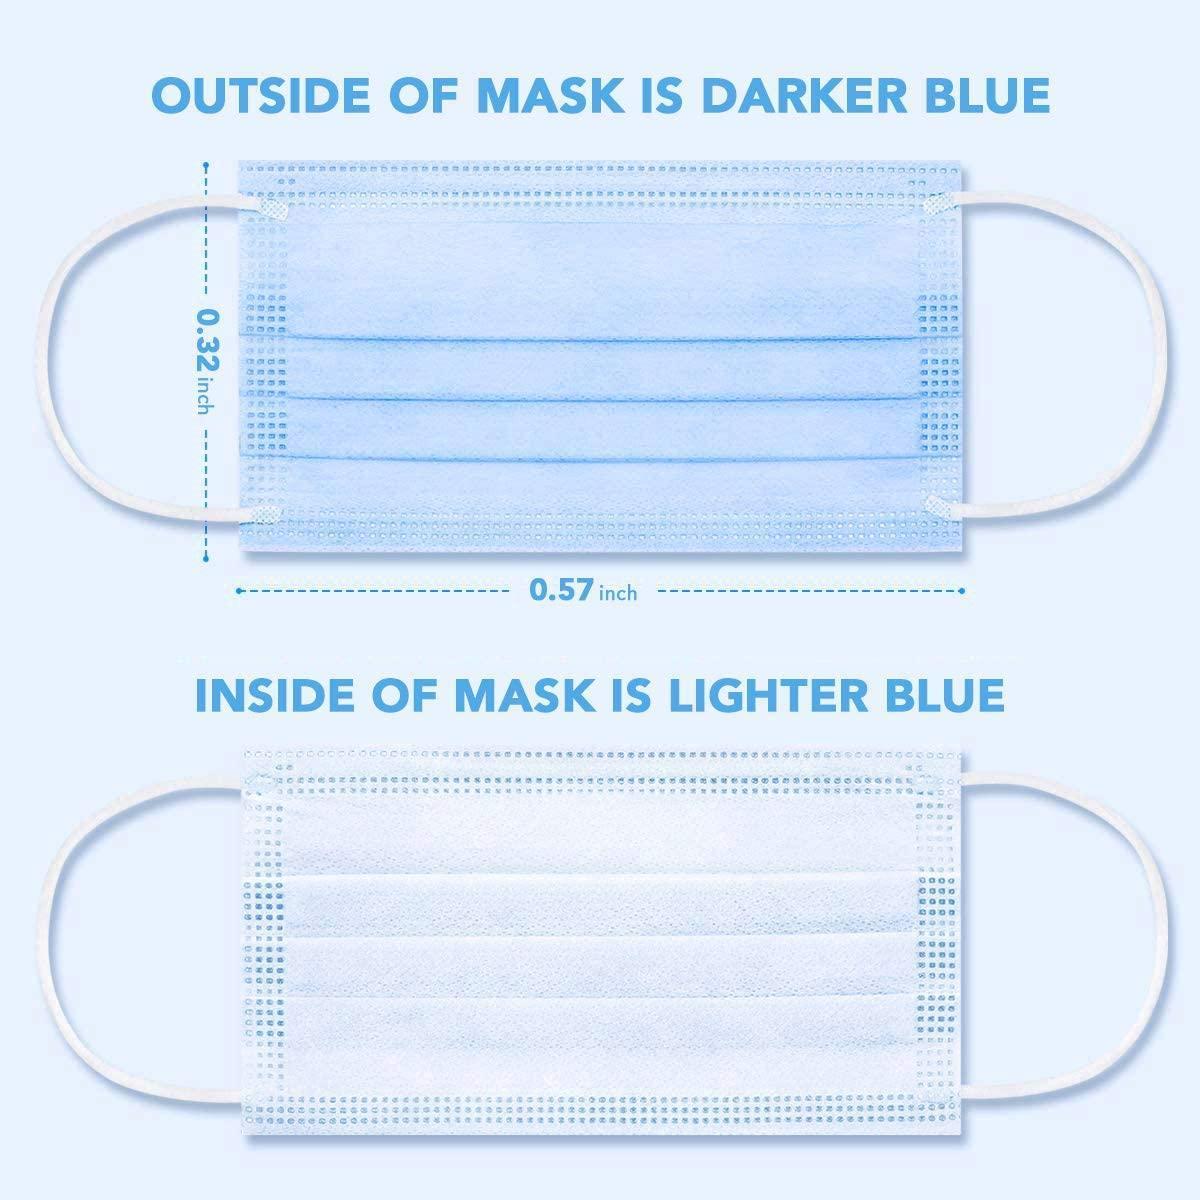 Con leyer maschera la faccia di sicurezza per la protezione anziana per la protezione del filtro di protezione e maschera Nanofiber 3 viso anti-polvere 3 elastico elastico elastico VWGL